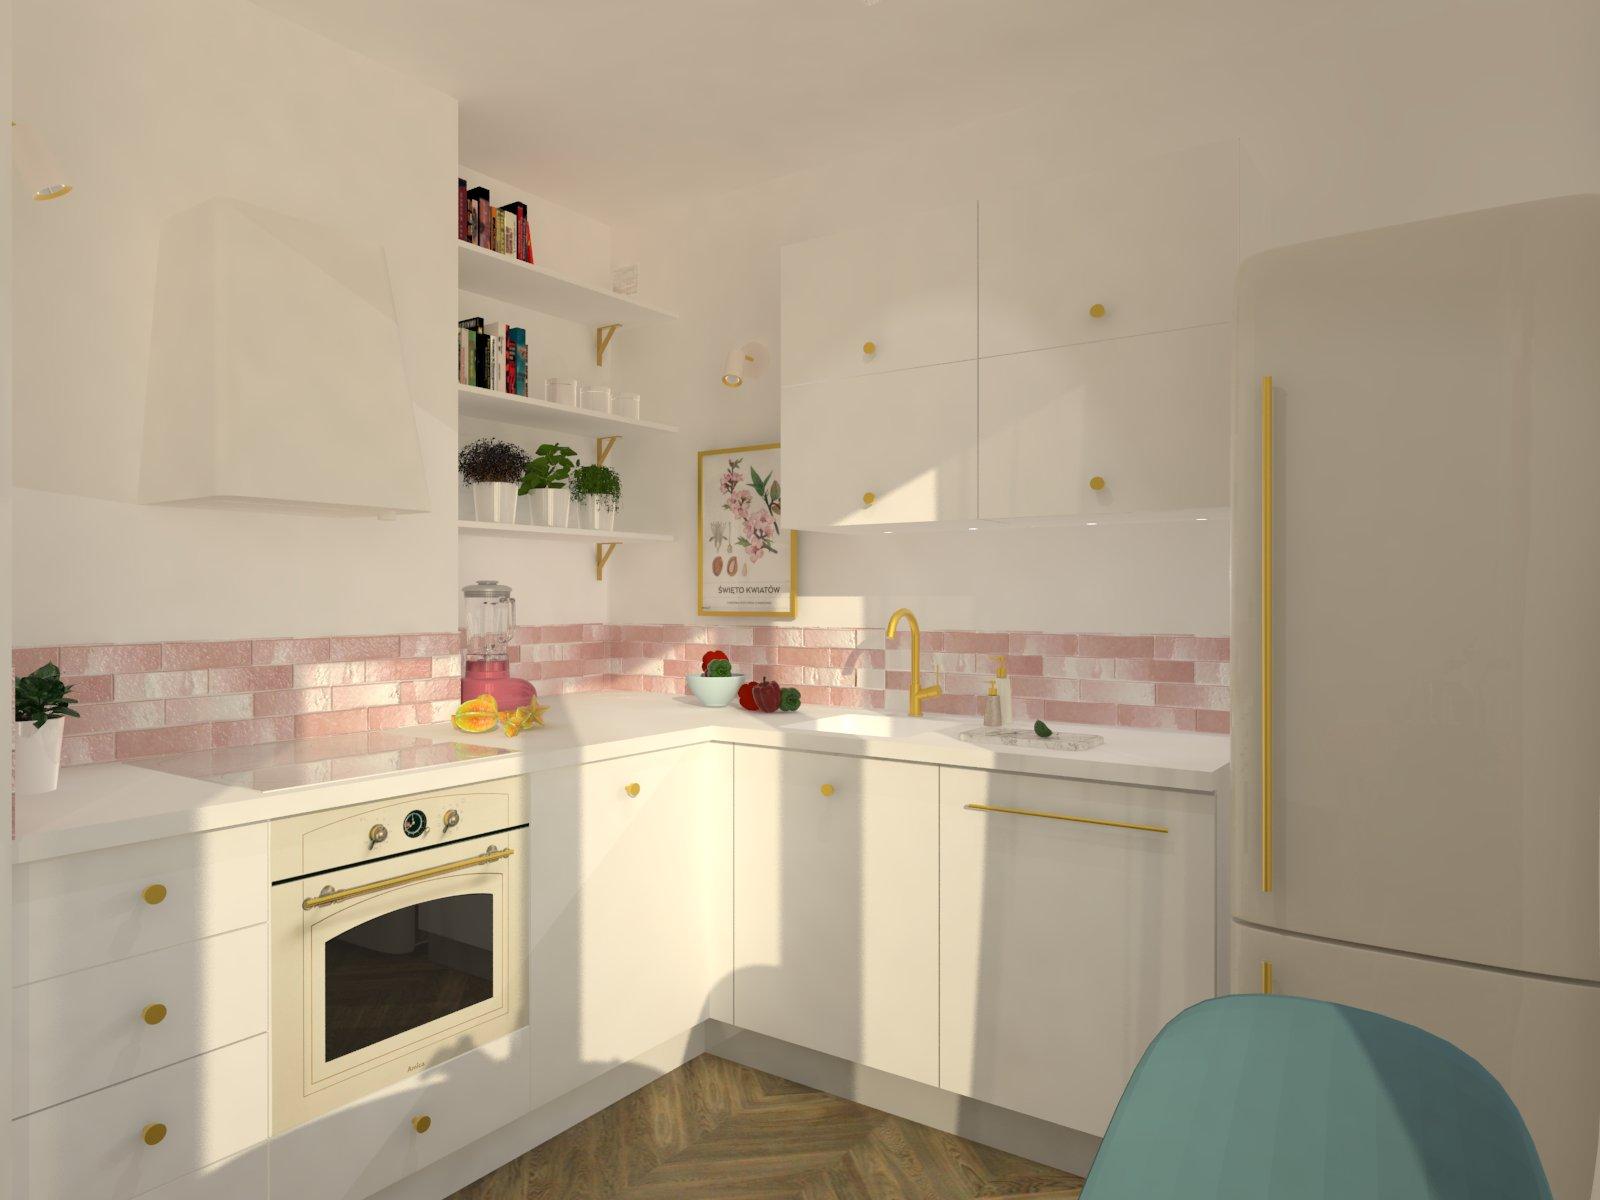 Tychy projektowanie wnętrz, mieszkanie w stylu modern vintage